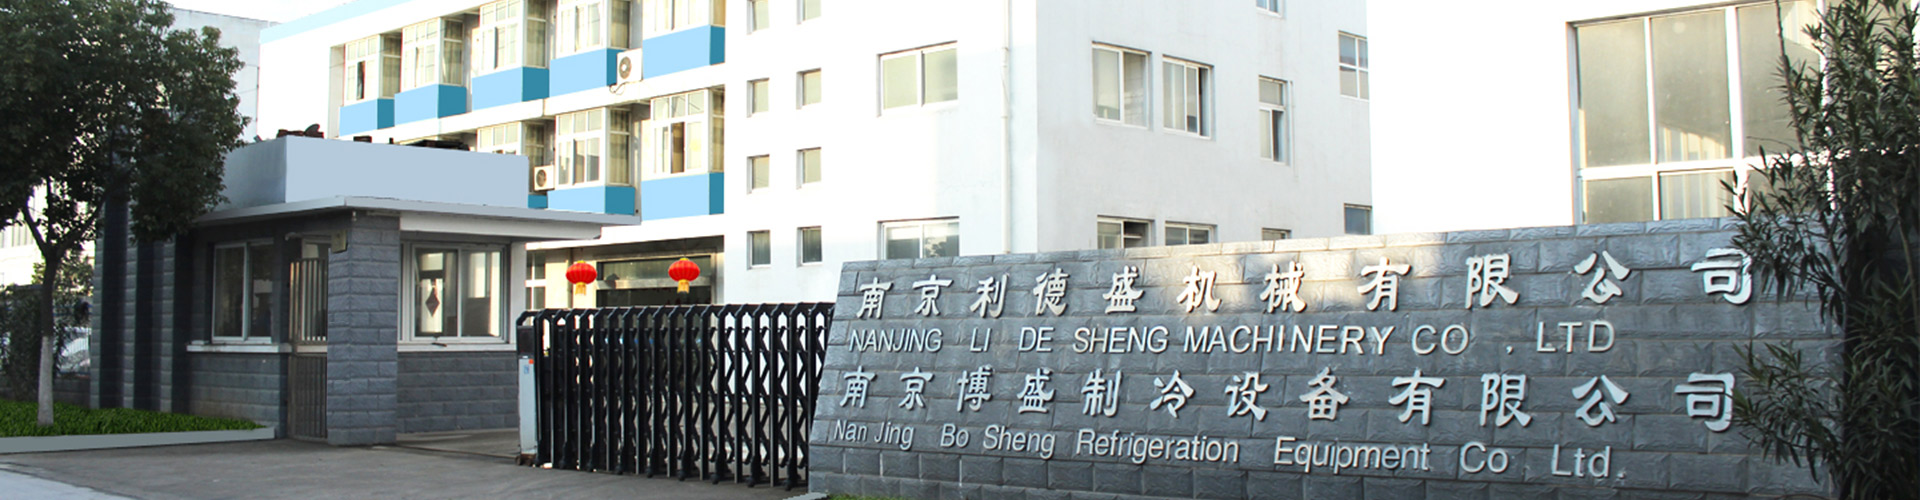 南京AG真人积分 机械有限公司厂景介绍图片